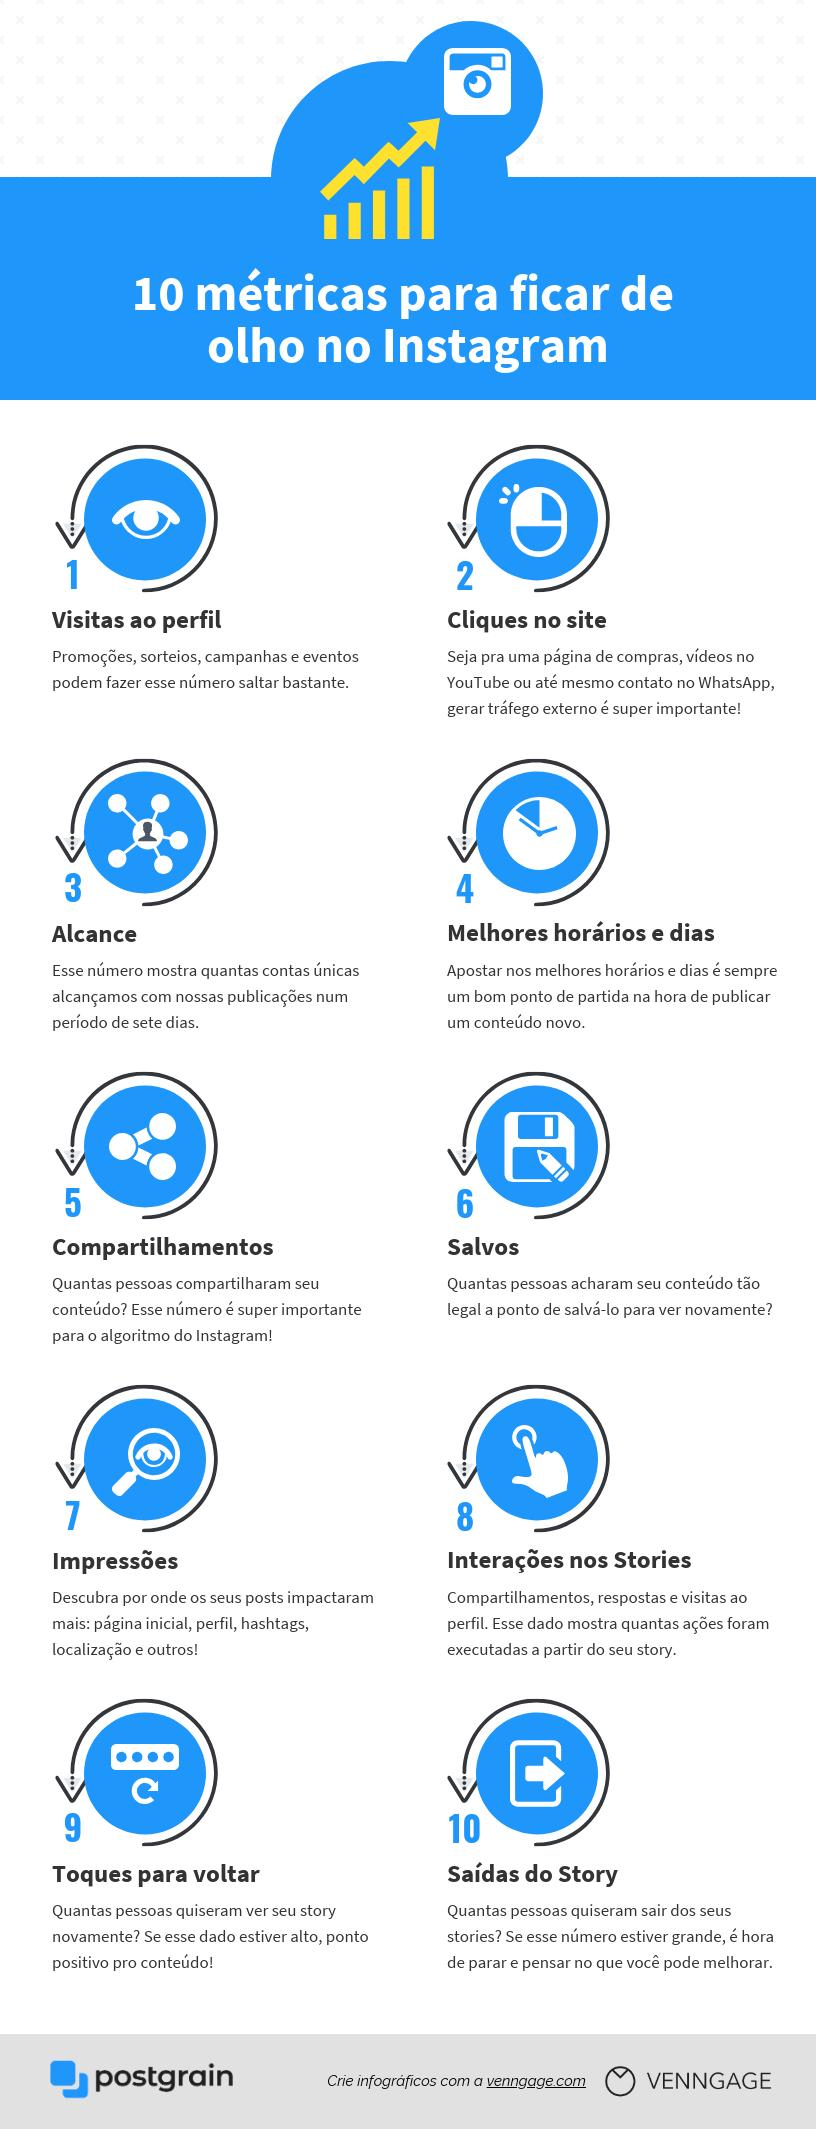 Infográfico mostrando as 10 métricas mais importantes para acompanhar no Instagram